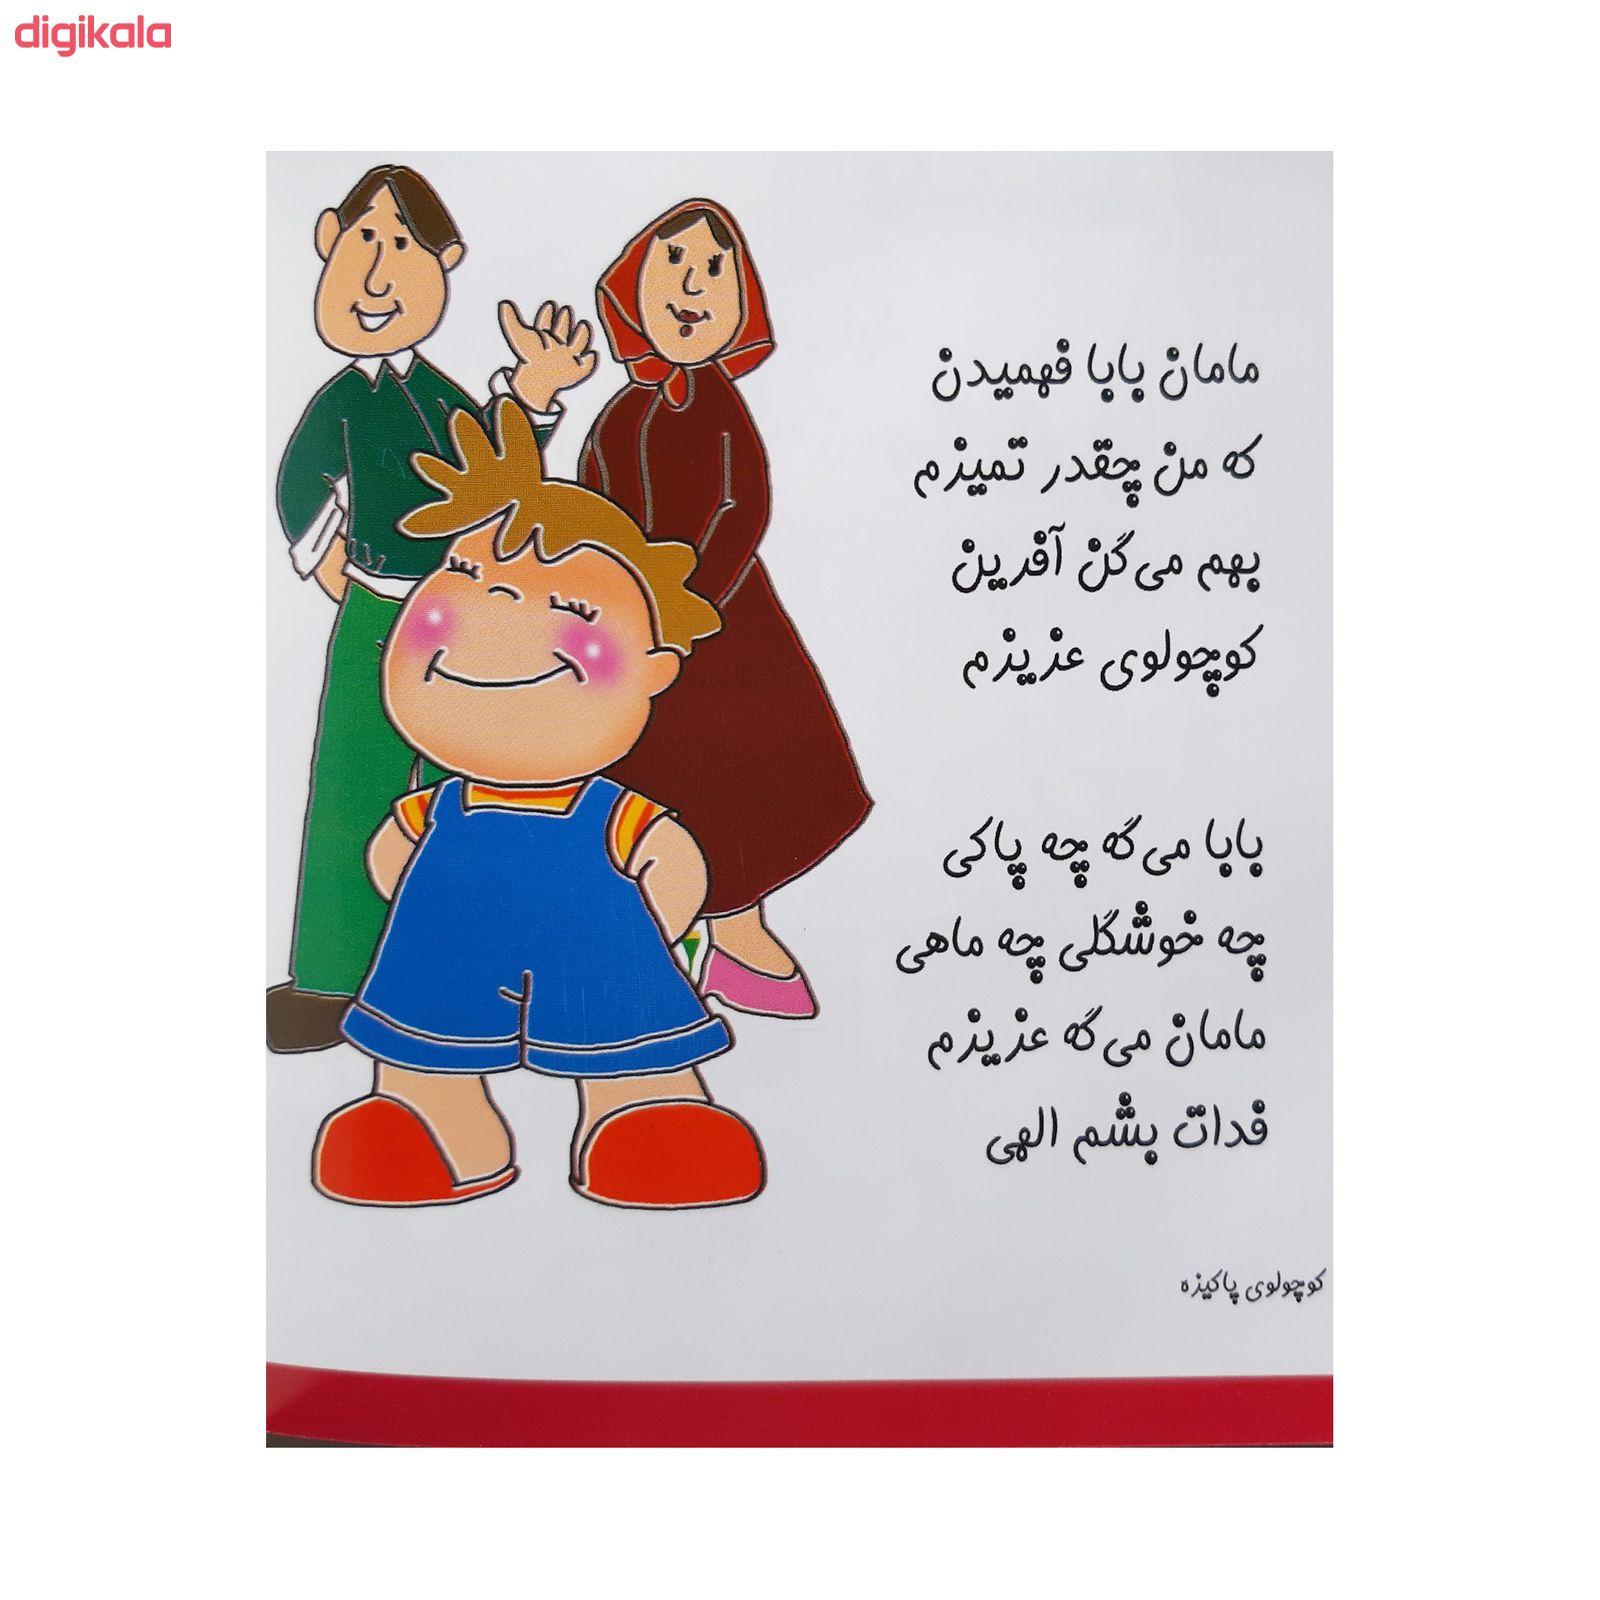 کتاب کوچولوها اثر وجیهه عبدیزدان انتشارات فرهنگ مردم 8 جلدی main 1 18